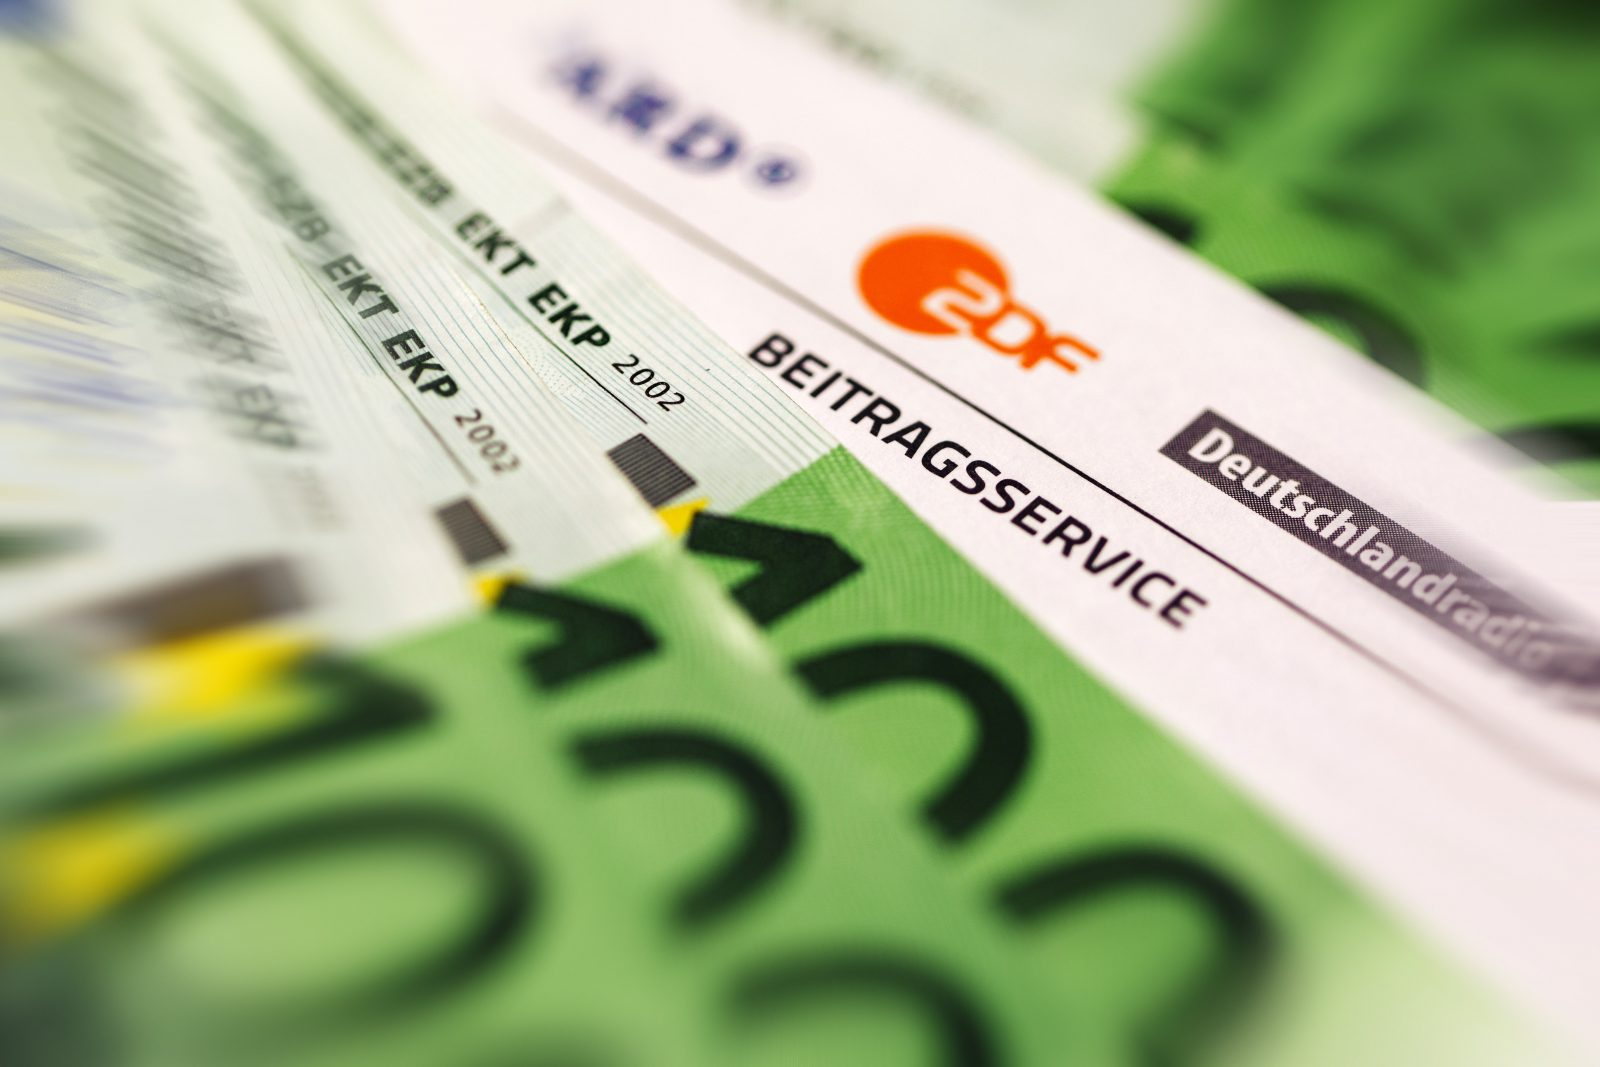 Rundfunkgebühren: Mehrere Politiker fordern die CDU auf, sich nicht wie die AfD gegen eine Erhöhung des Zwangsbeitrags zu stellen